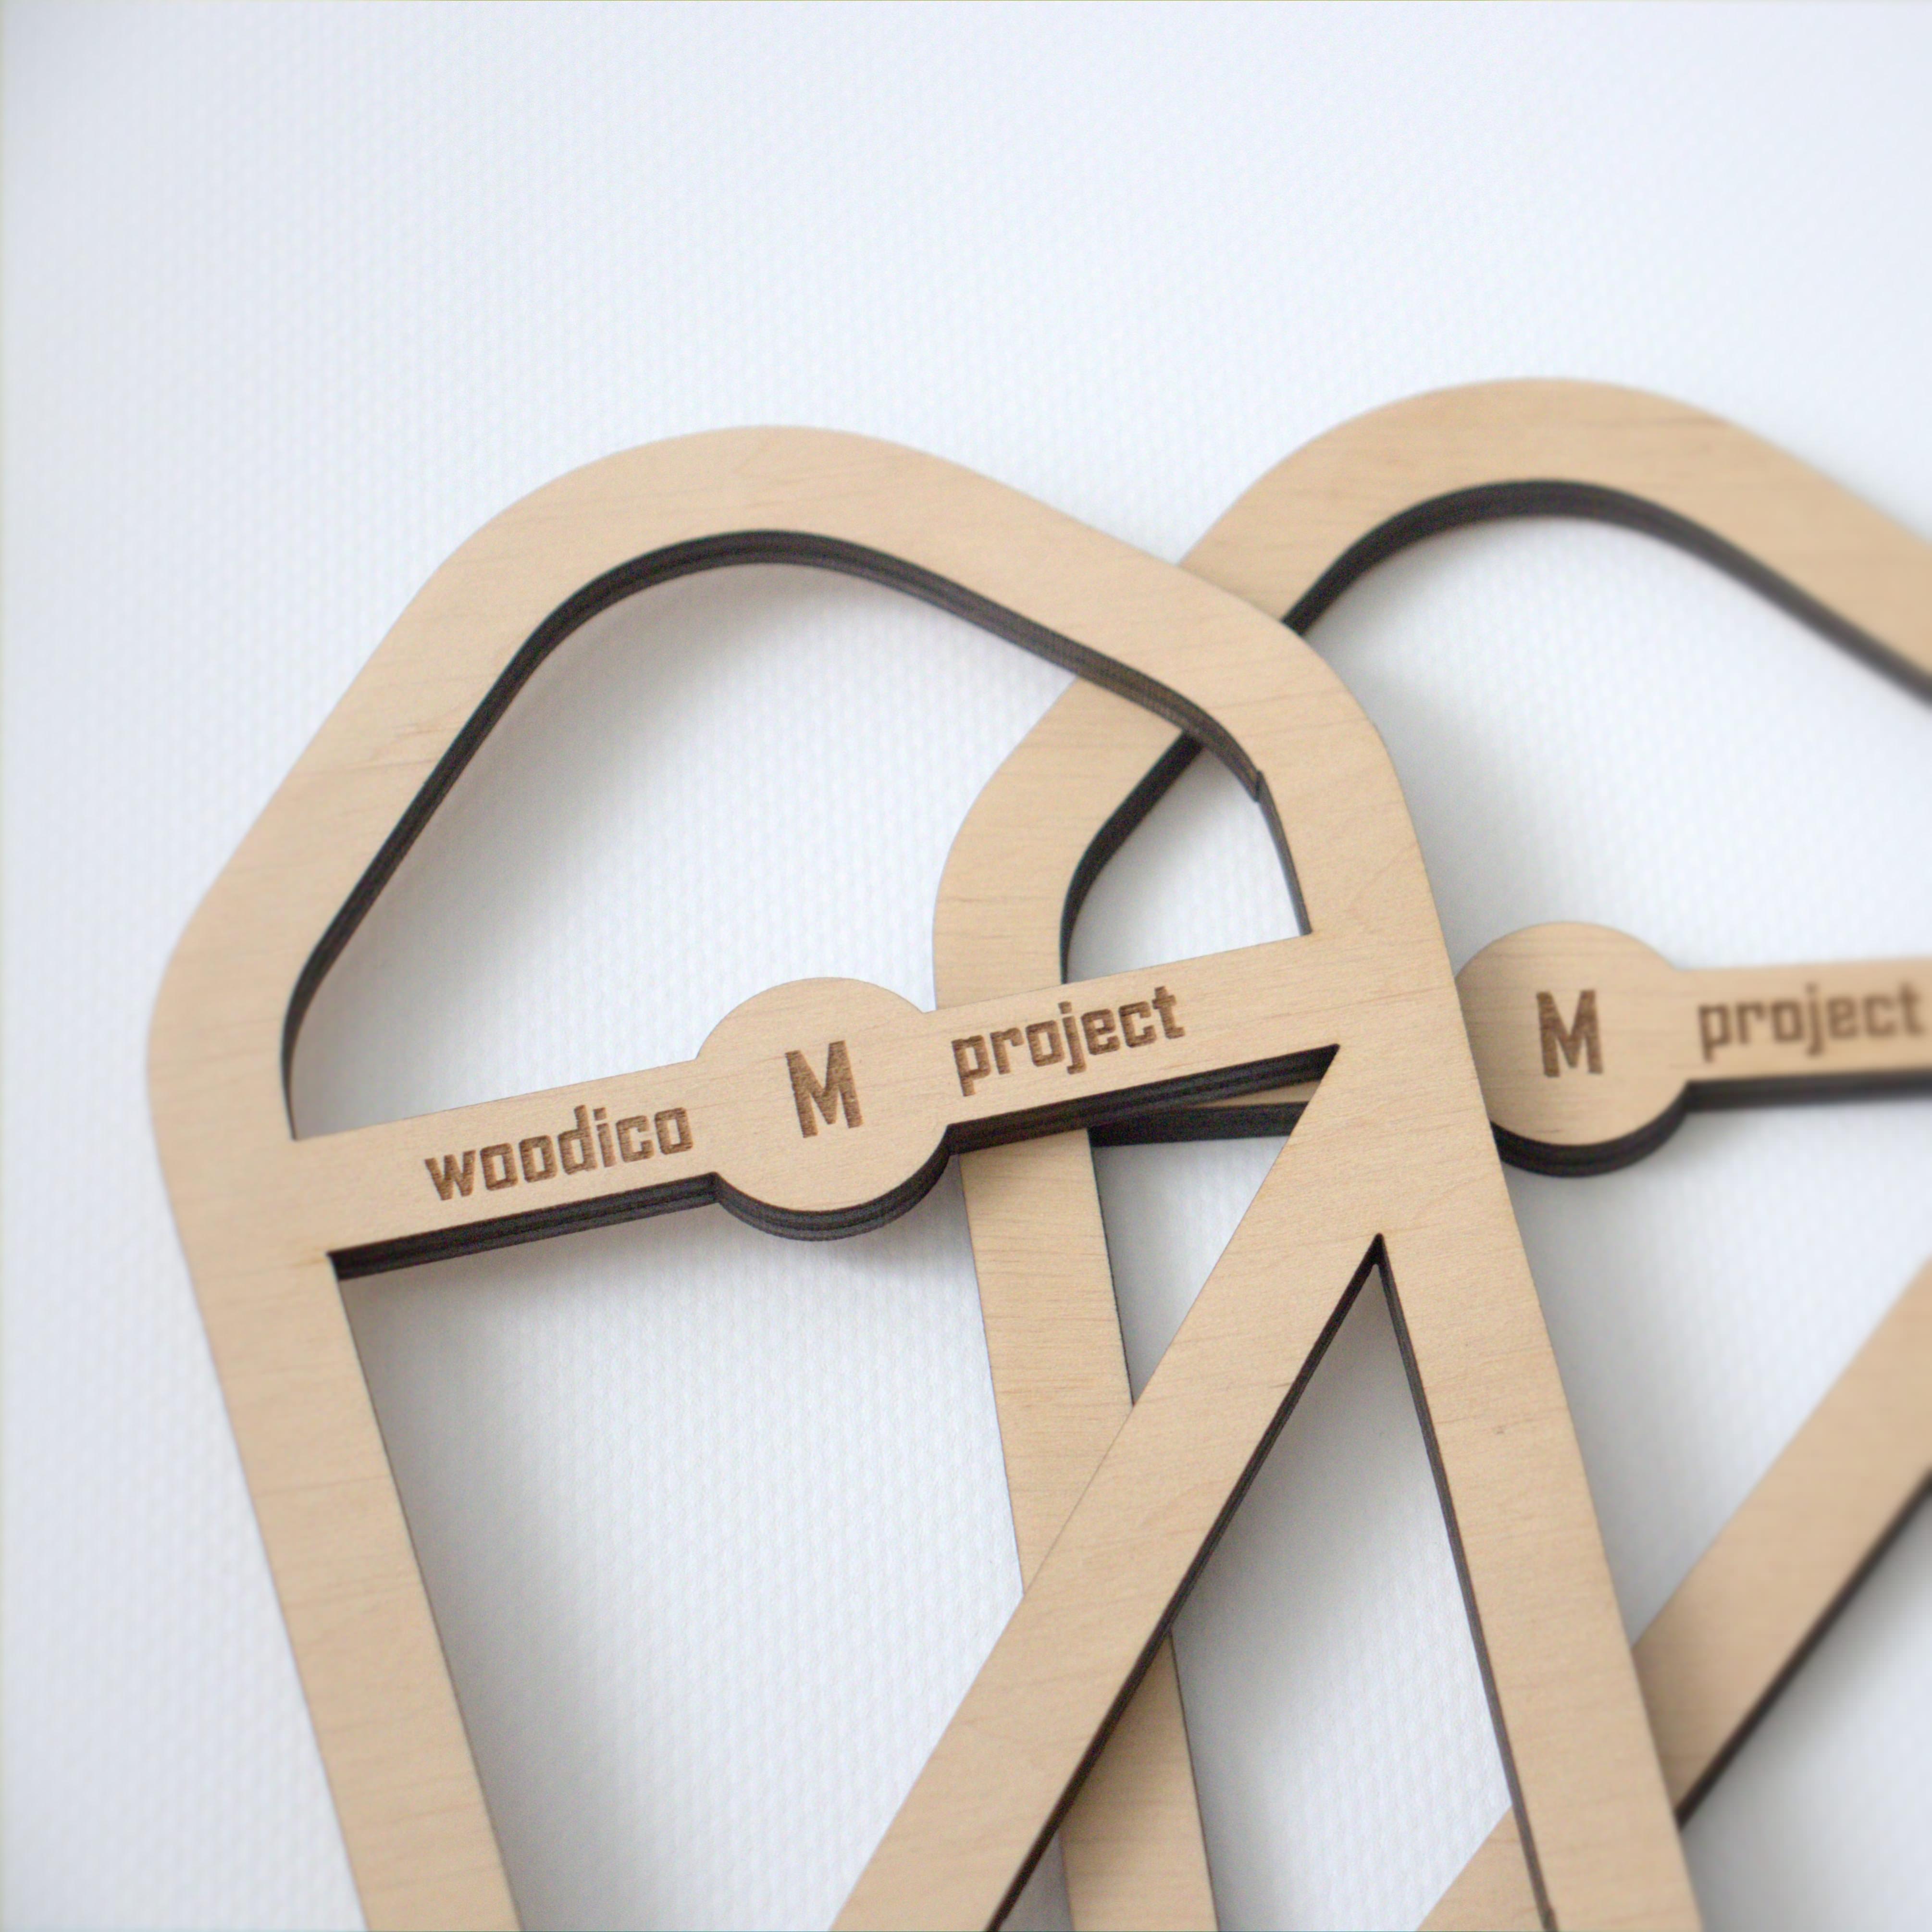 woodico.pro wooden sock blockers zen 4 - New product - Wooden sock blockers / Zen